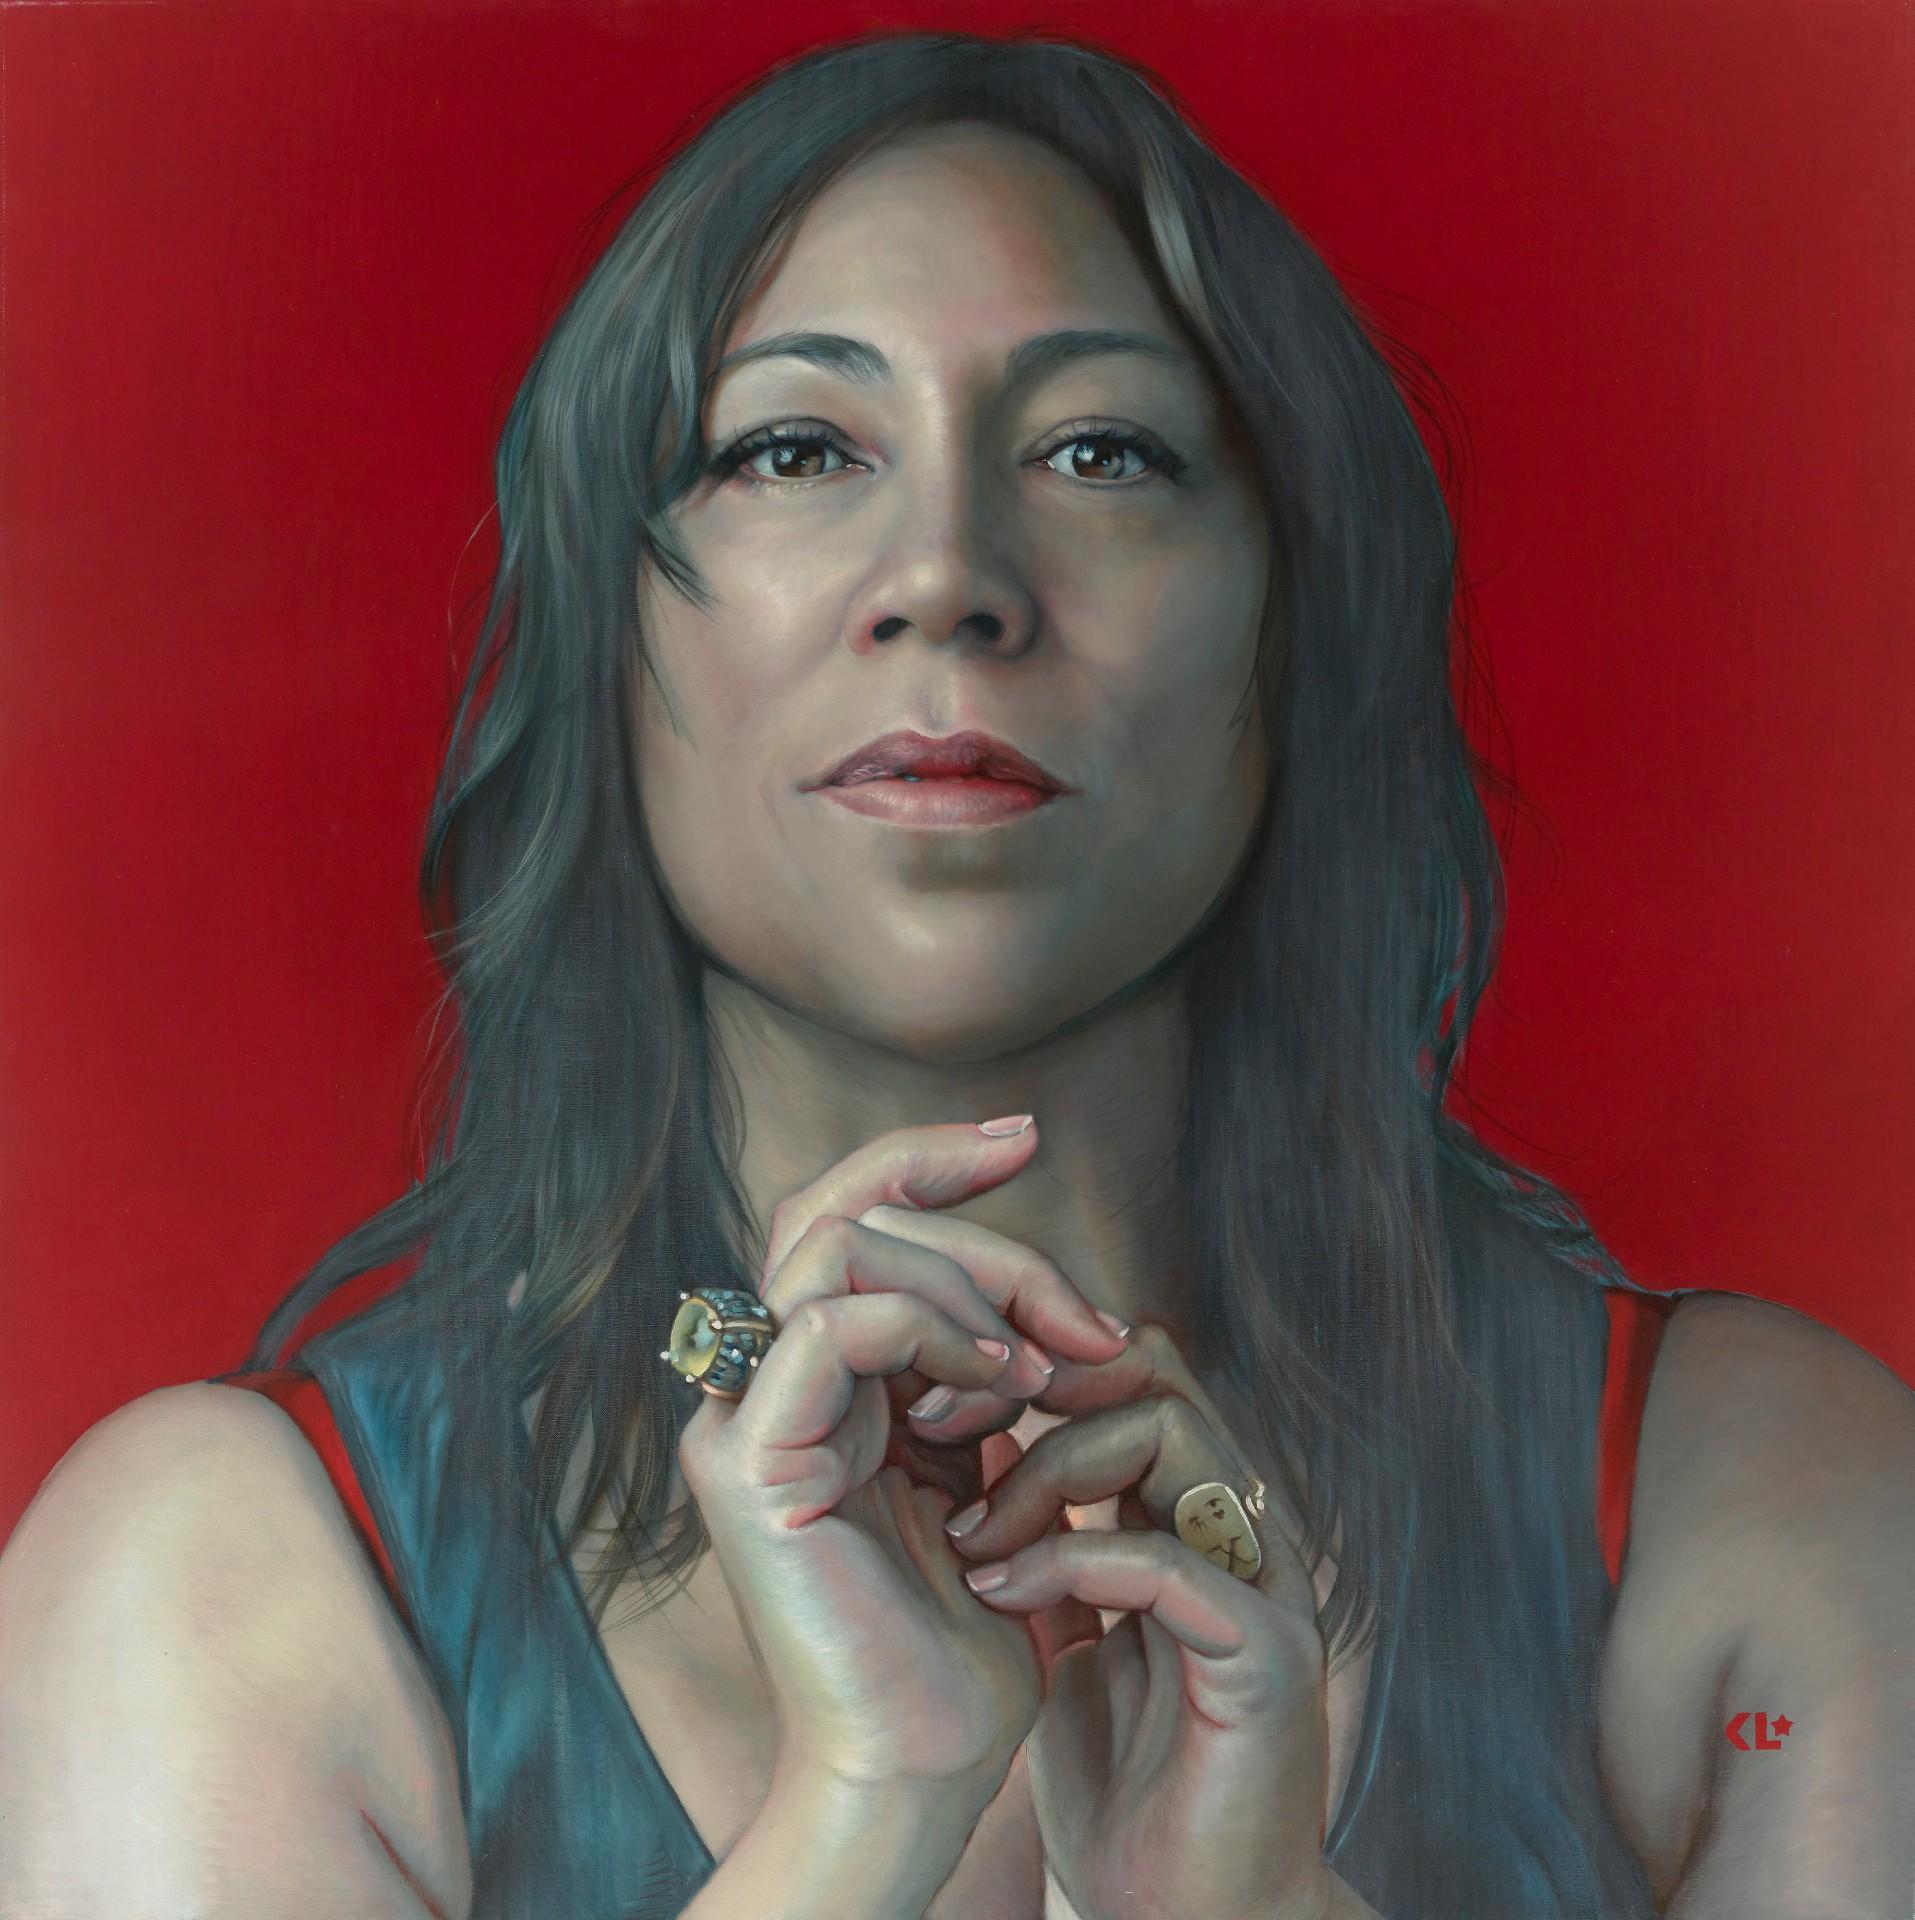 获奖作品的原型人物凯特·塞贝拉诺说,艺术家凯瑟琳·朗赫斯特让她看起来负有尊严与权力